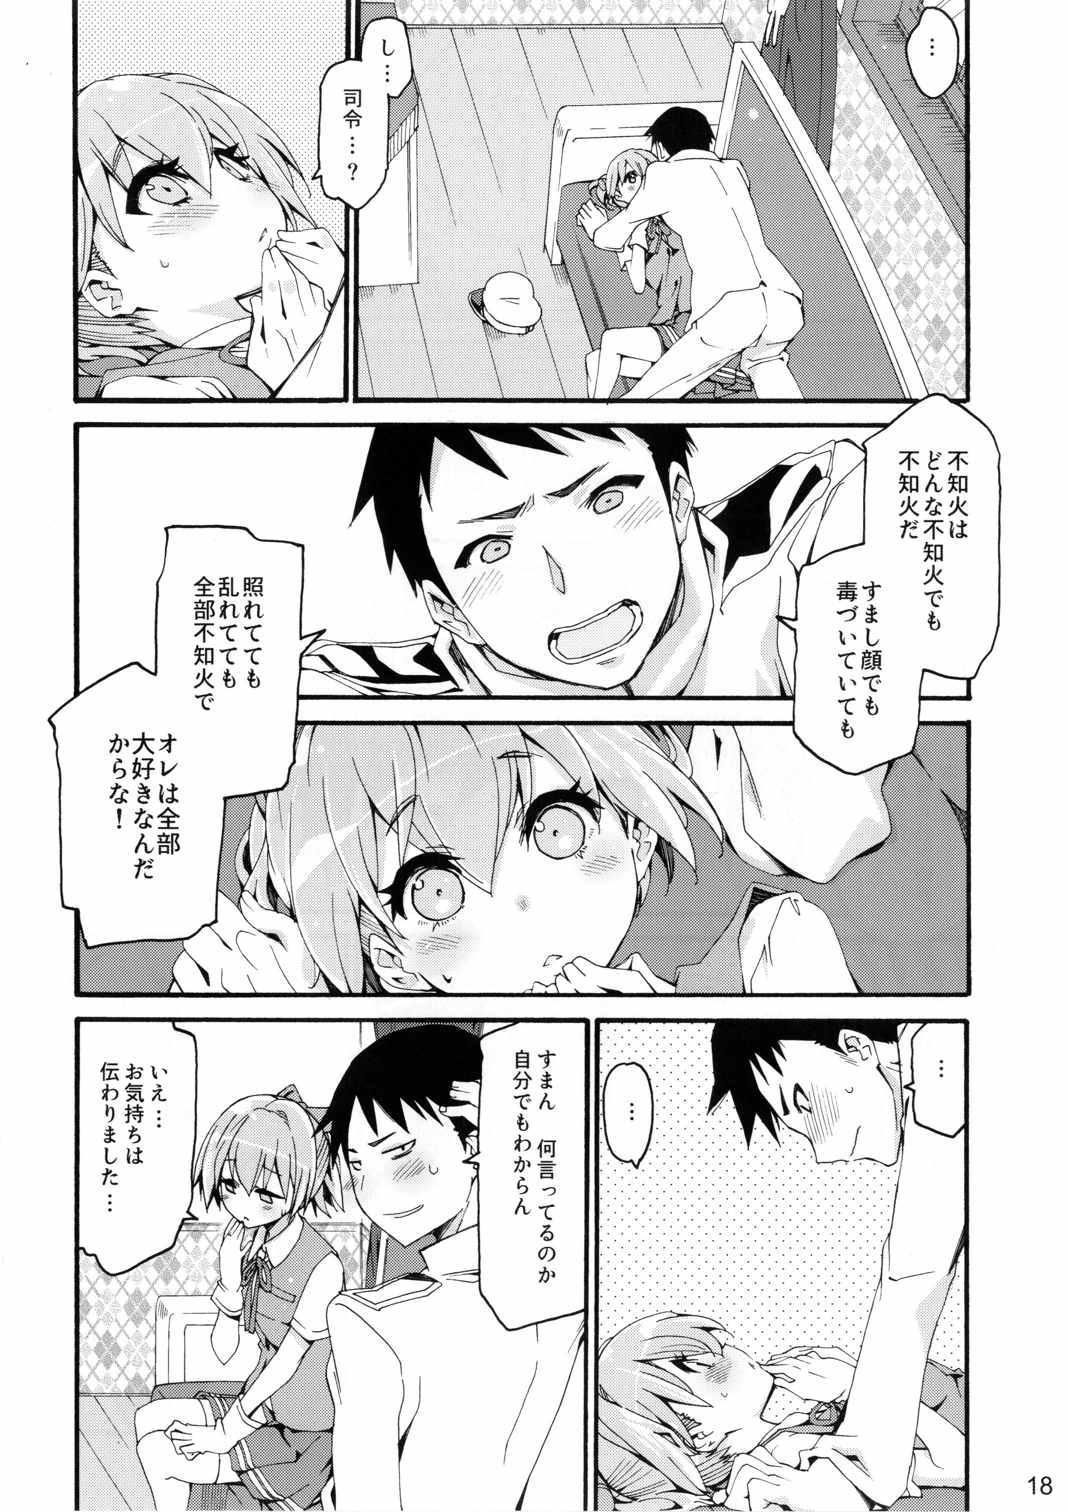 Shiranui wa Teitoku ni... 16